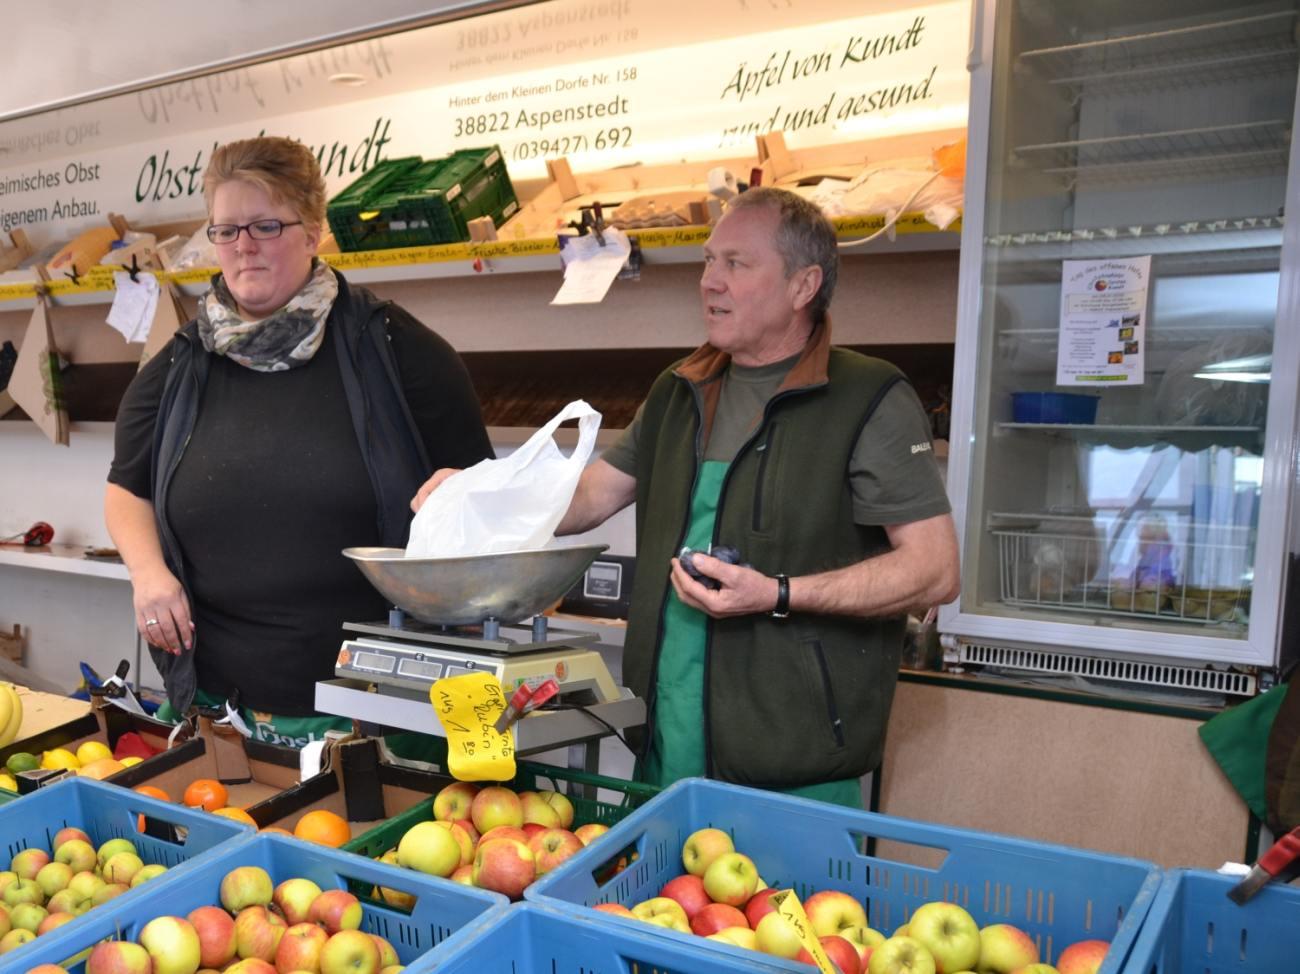 Obstplantage Carsten Kundt - Wochenmarkt